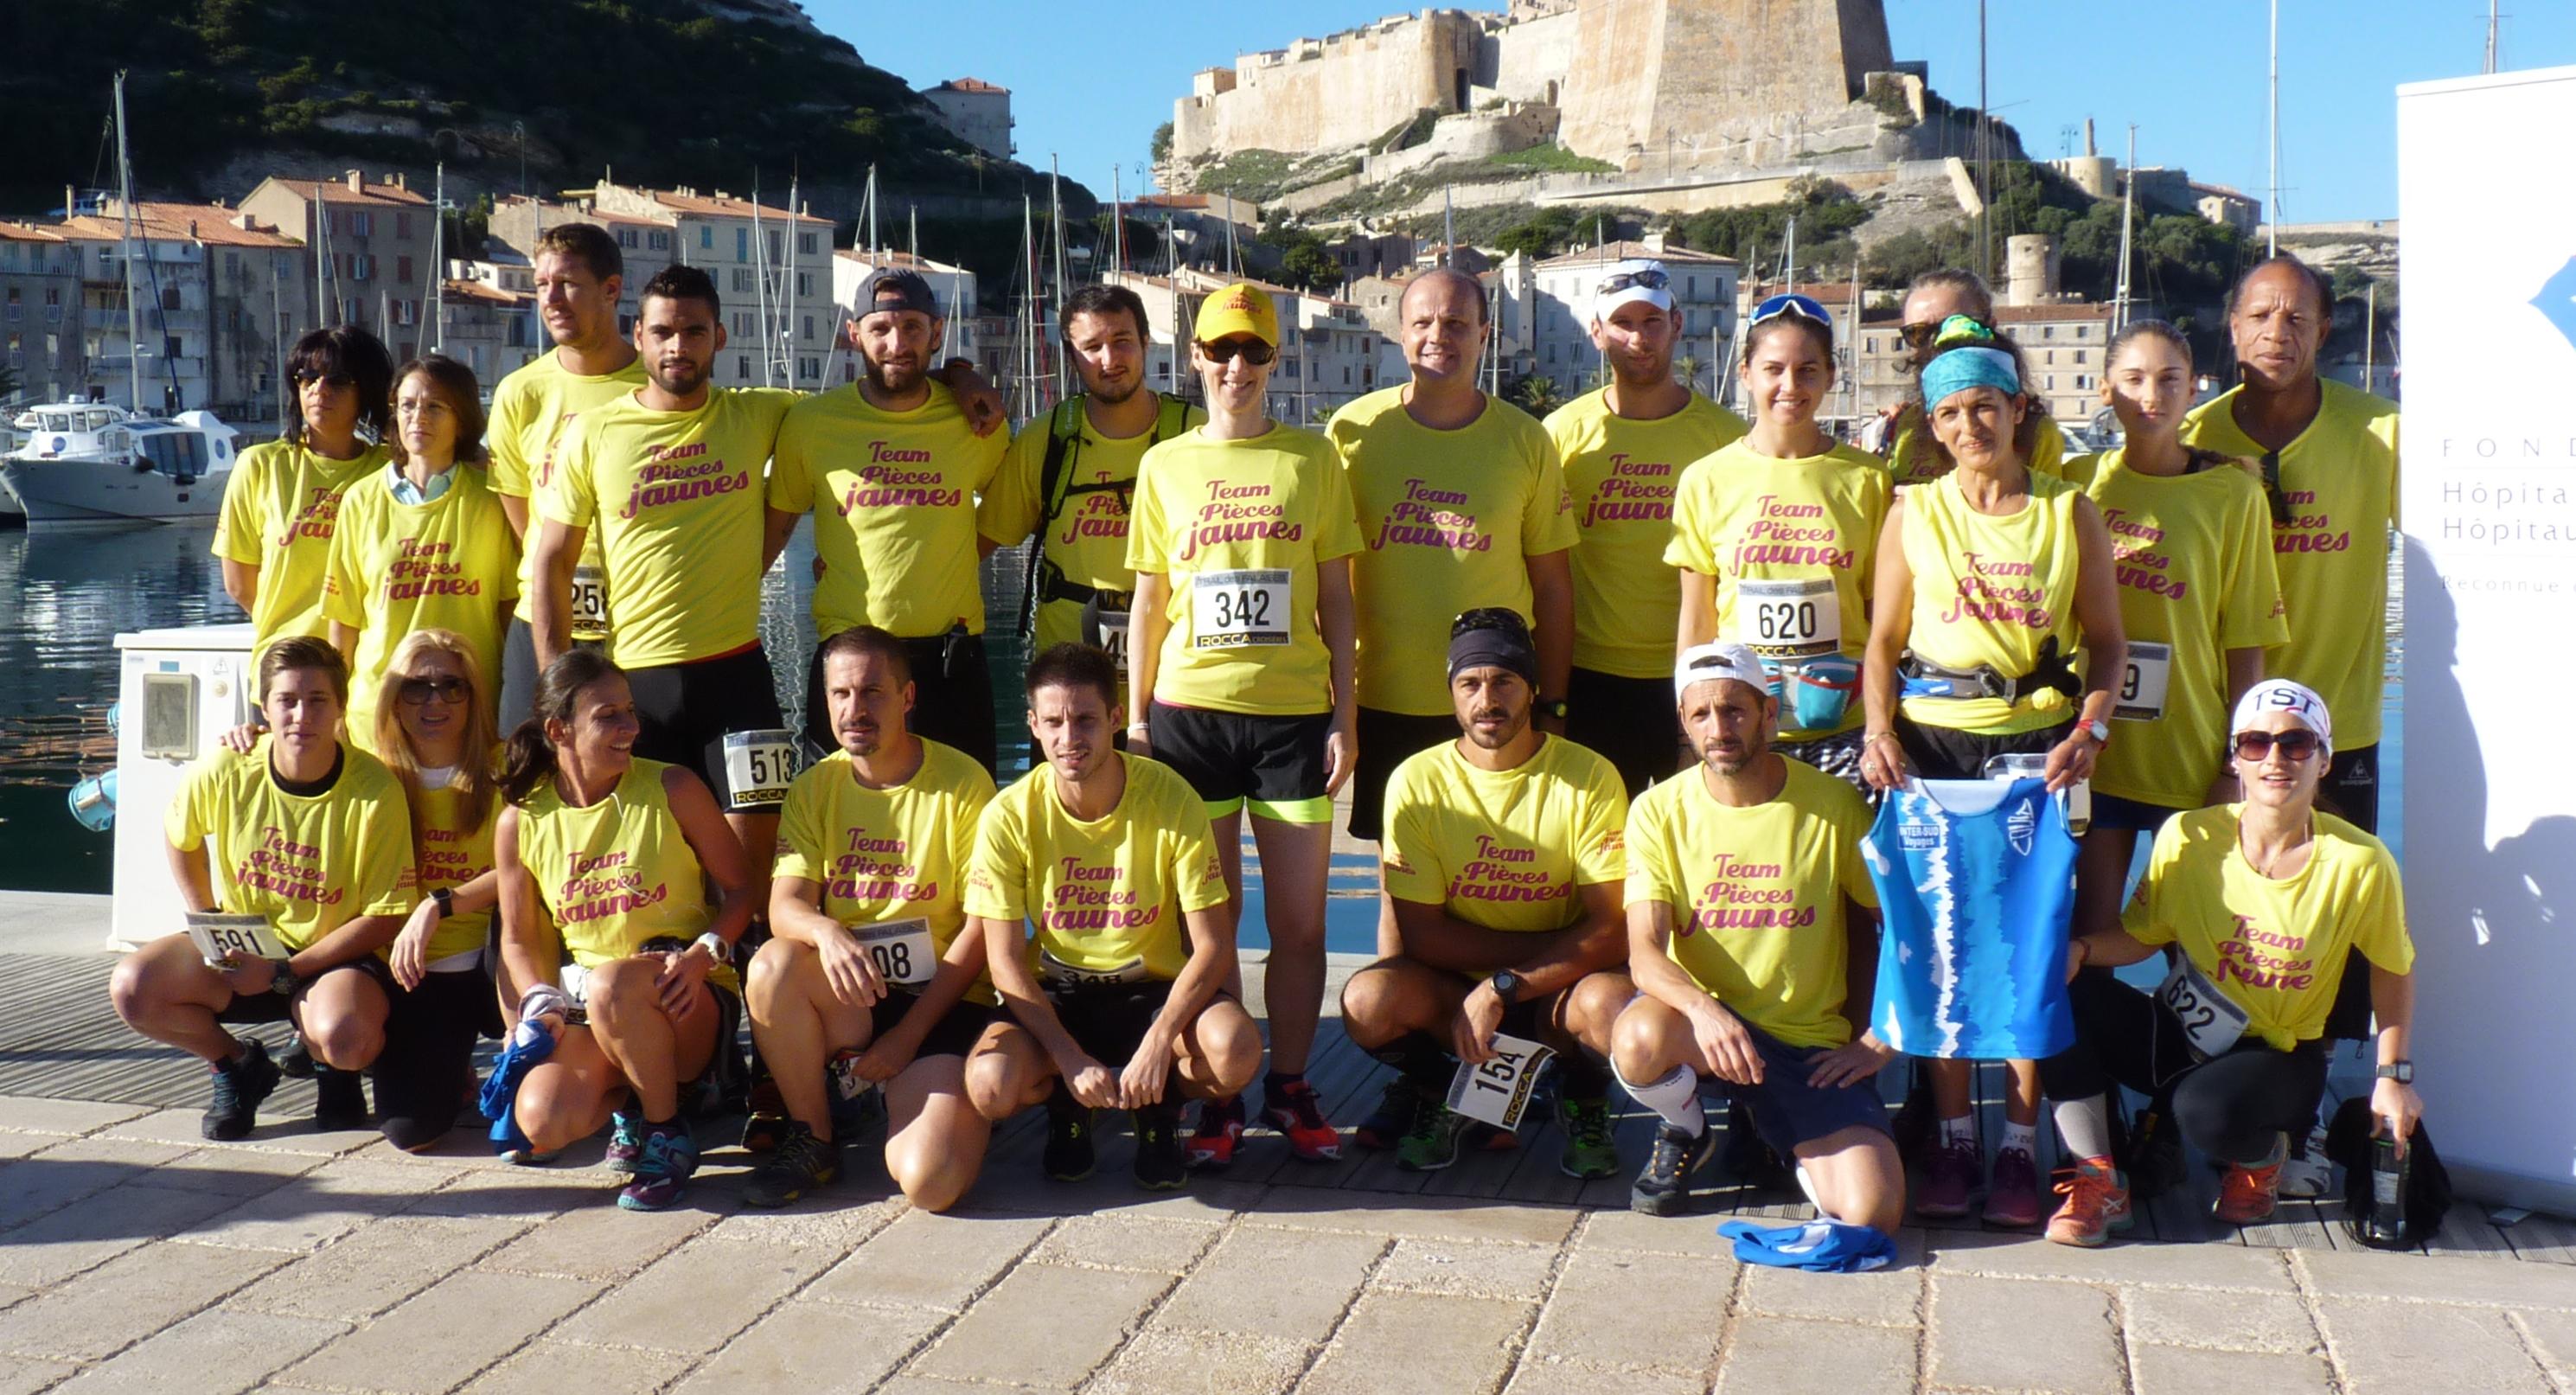 """Bonifacio : Une team """"Pièces jaunes"""" au Trail des falaises"""